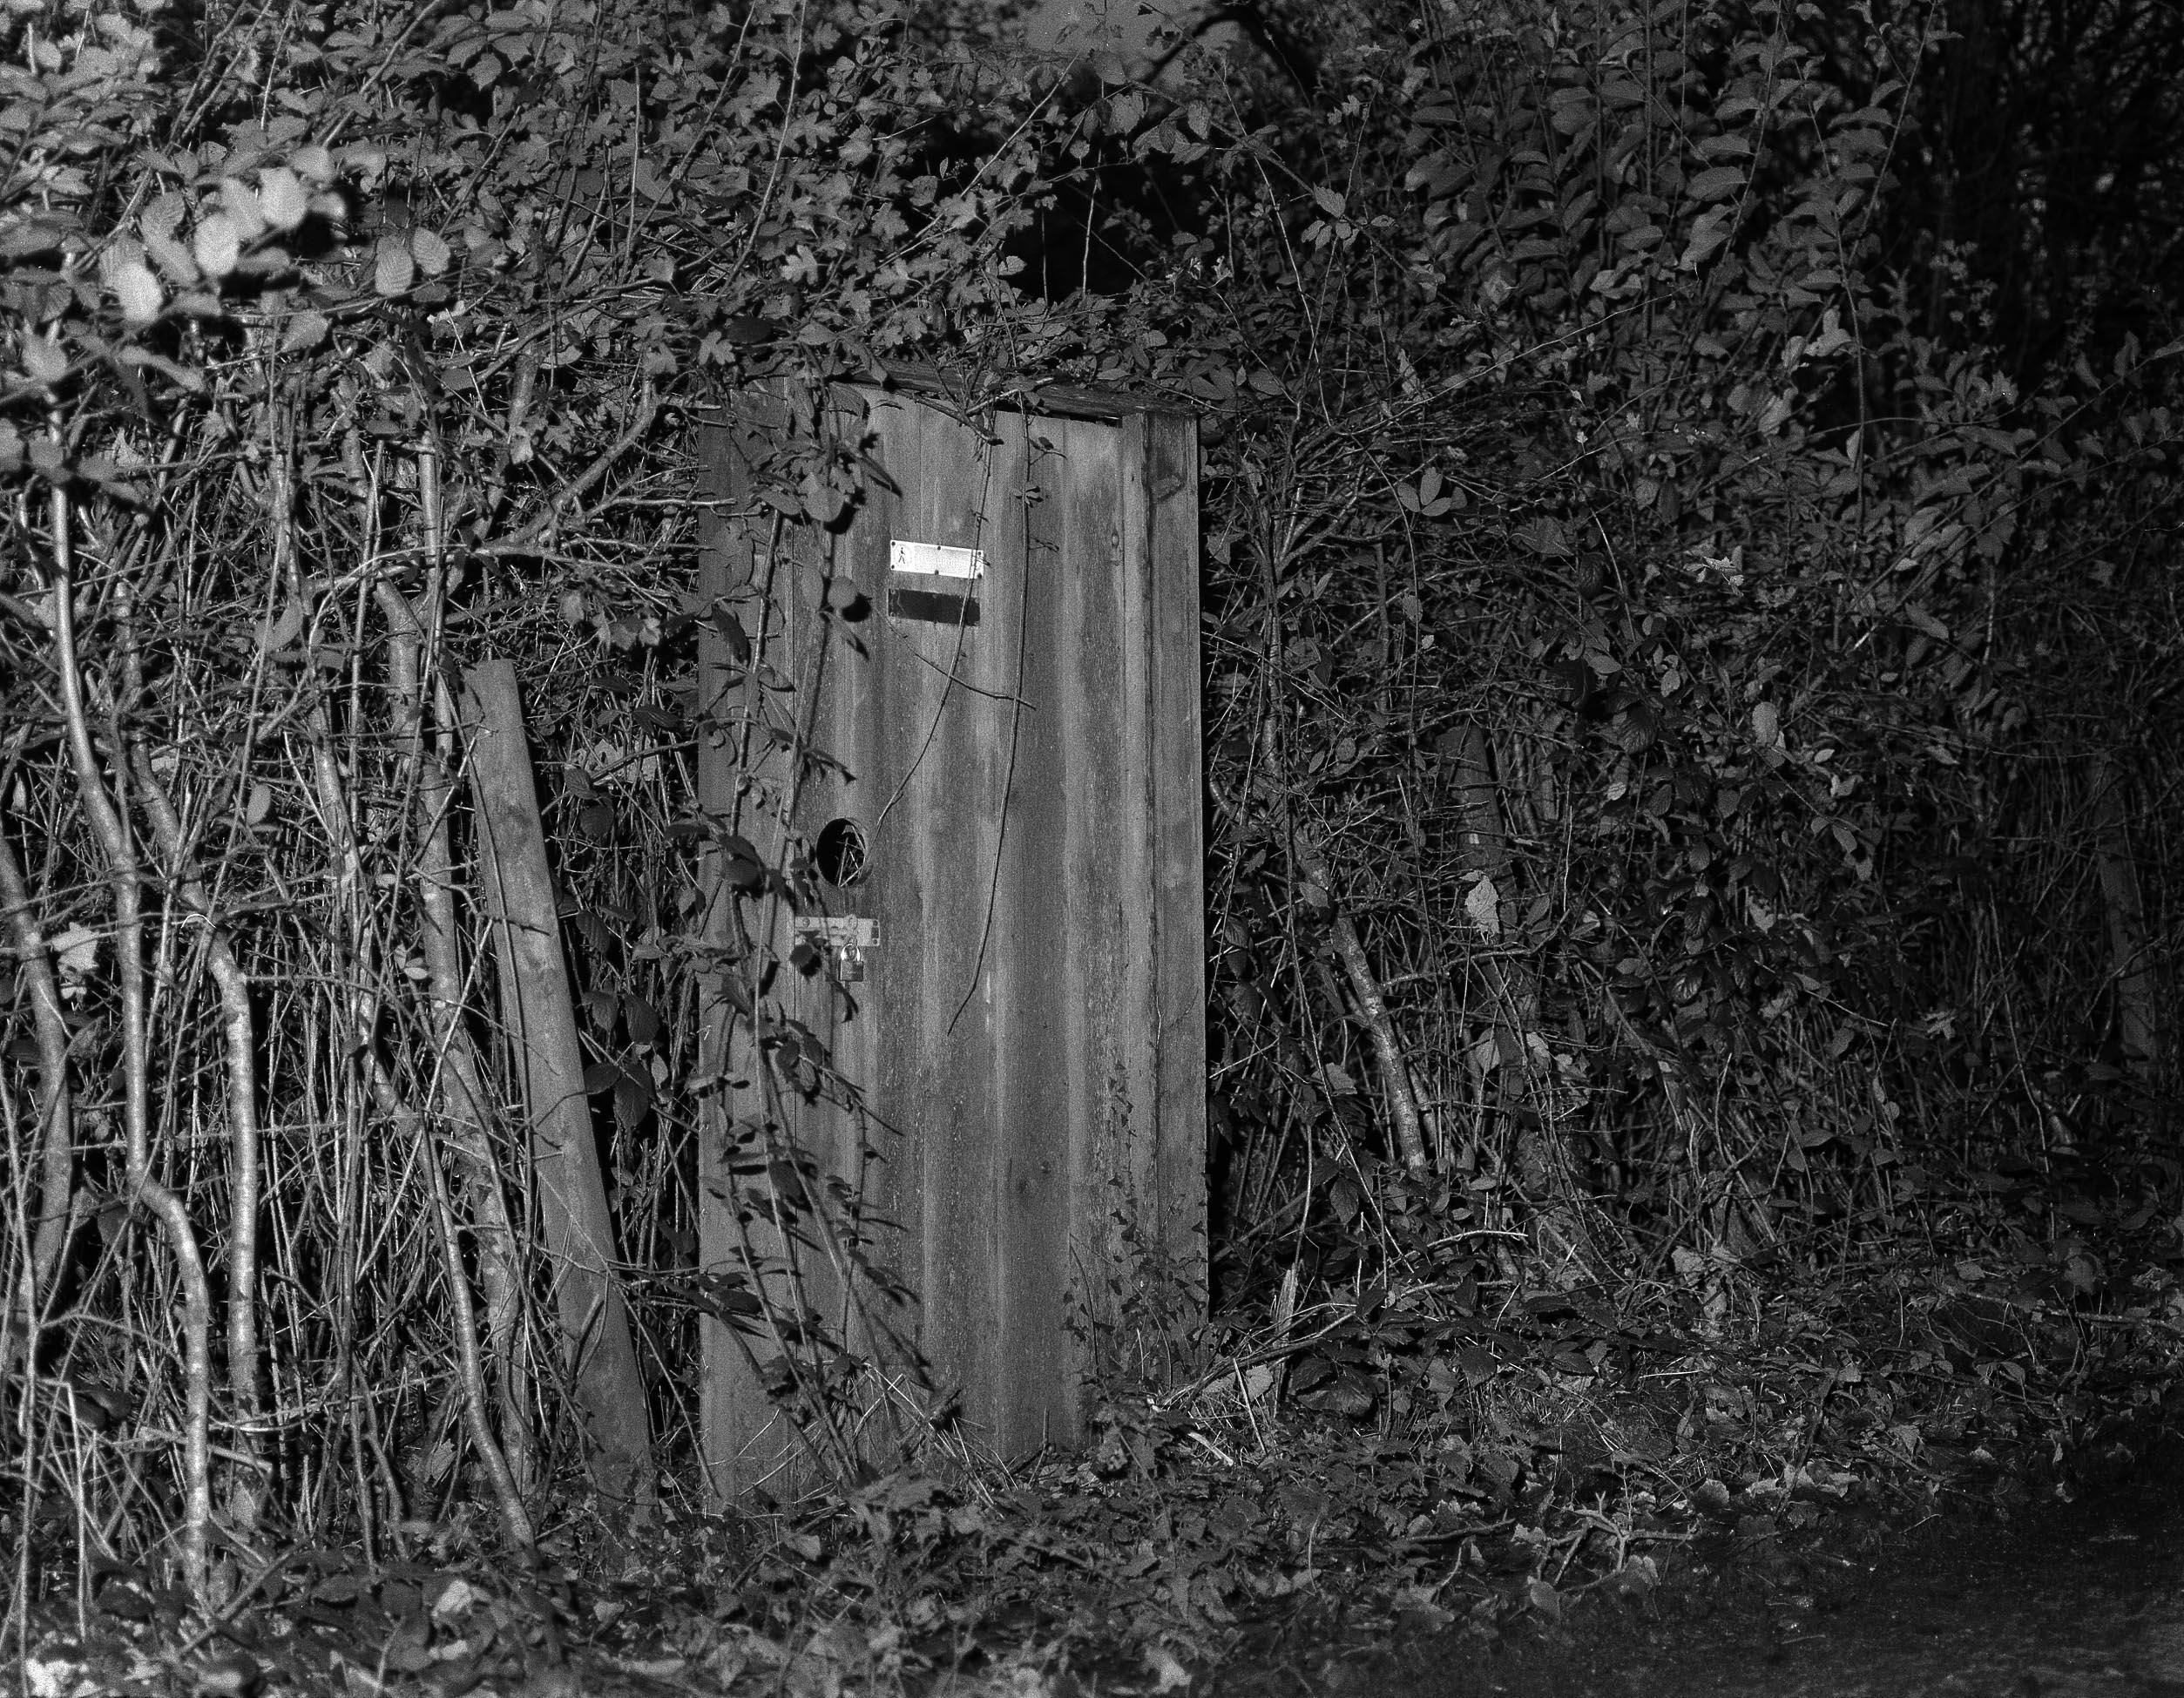 Rosie Dale - Runaways garden in black and white